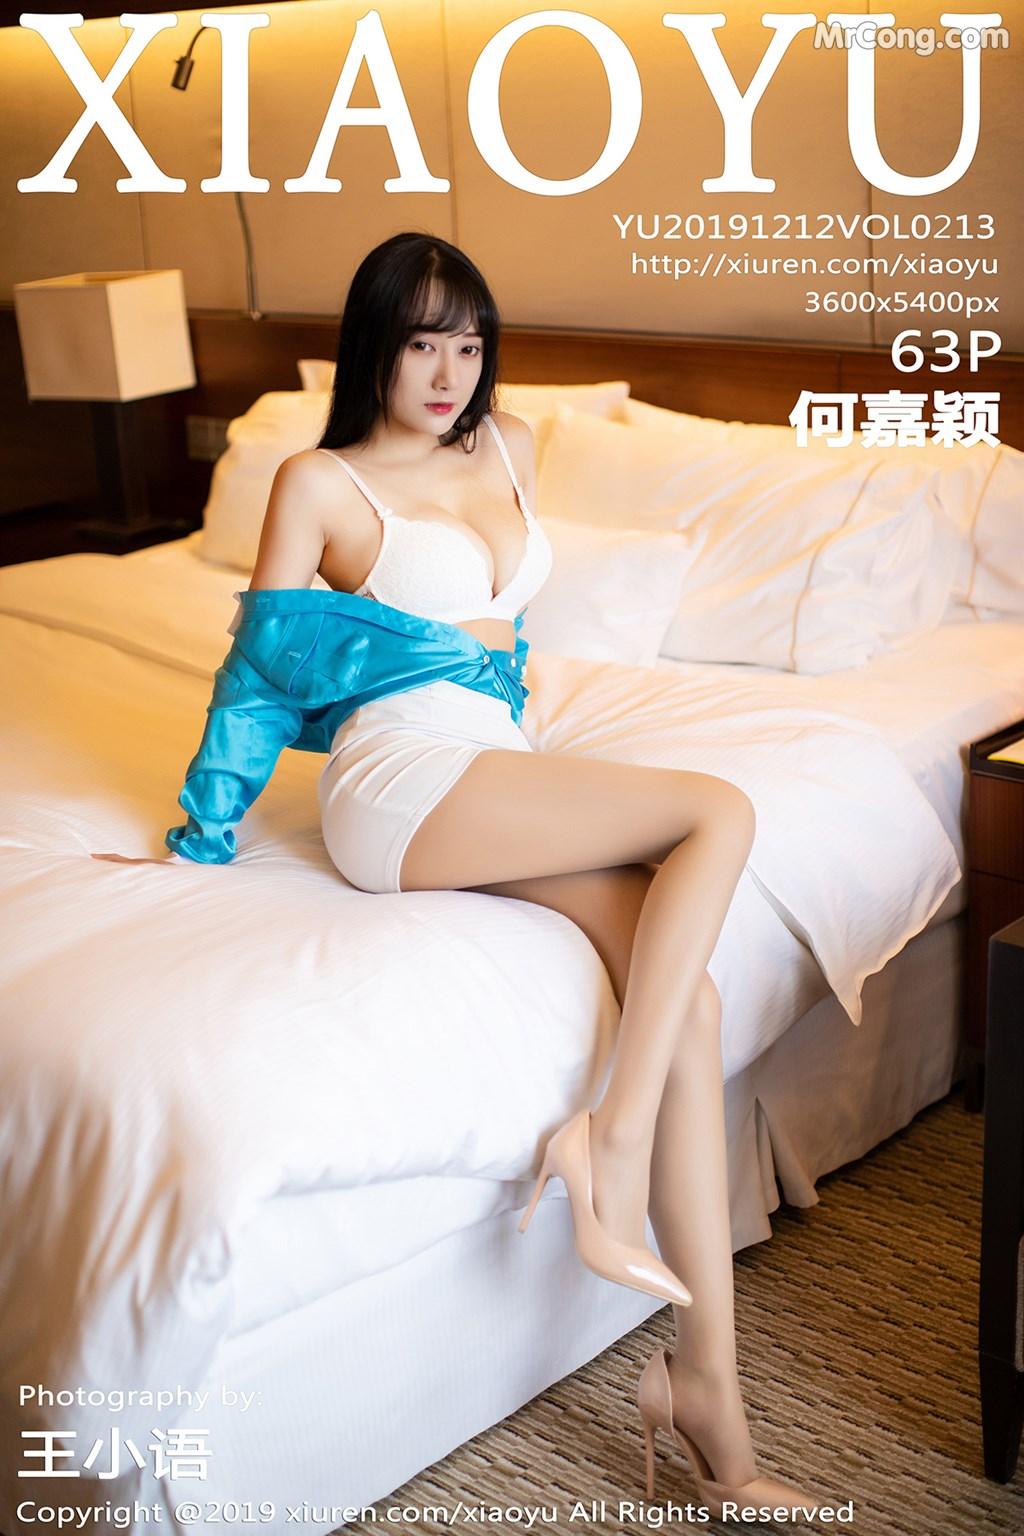 XiaoYu Vol.213: He Jia Ying (何嘉颖) (64 pictures)